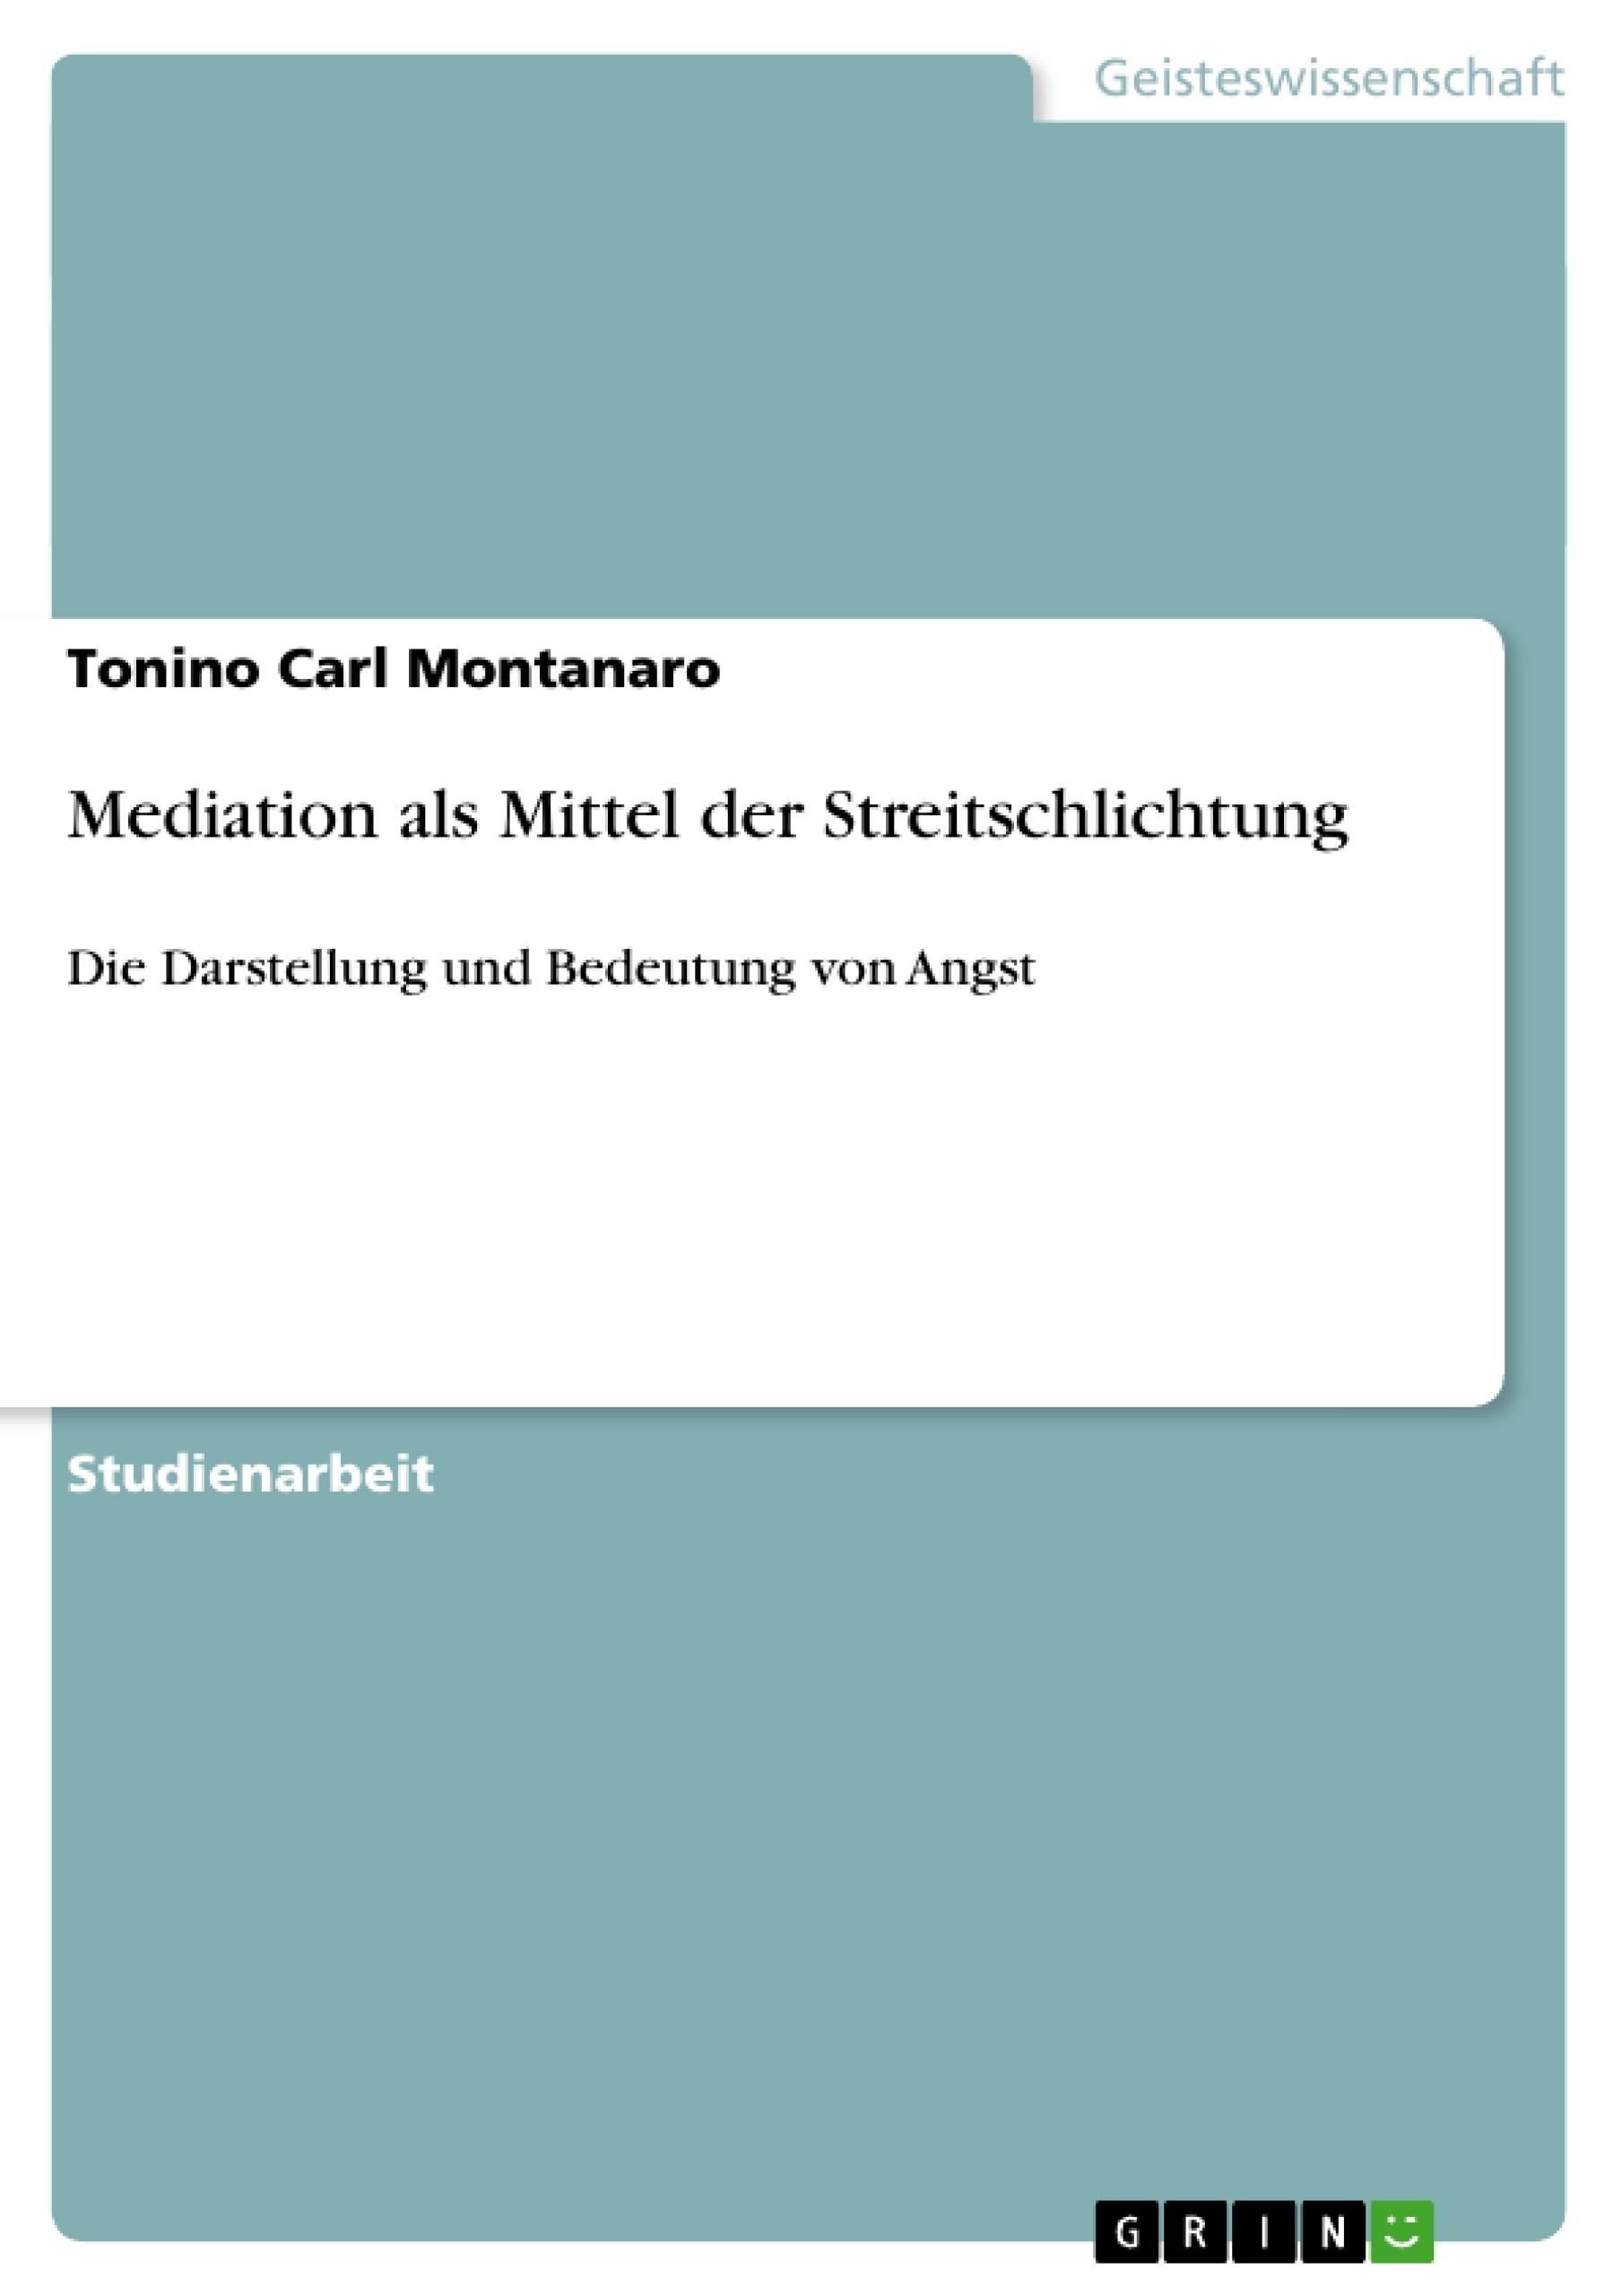 Titel: Mediation als Mittel der Streitschlichtung